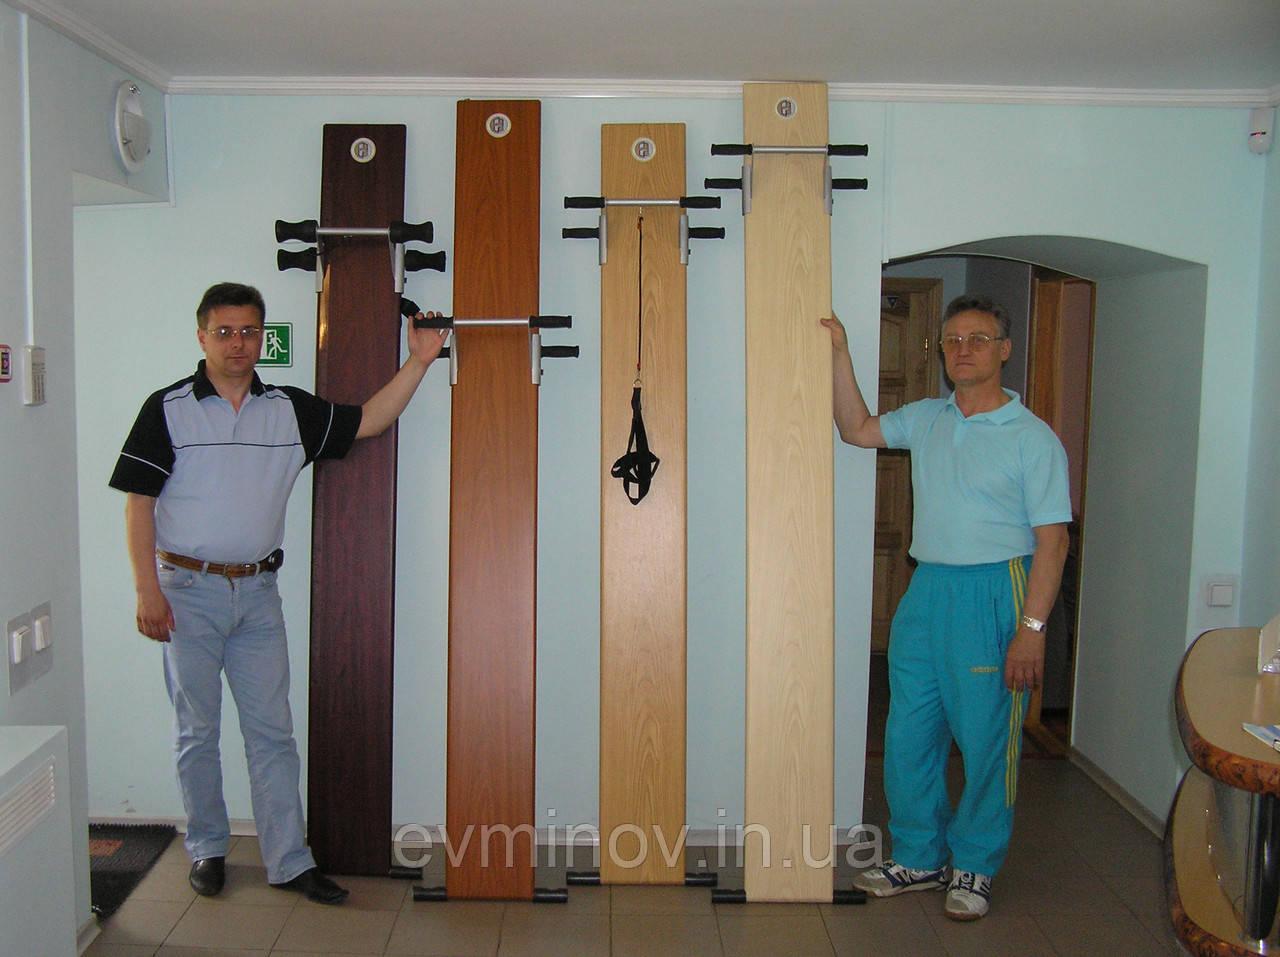 Тренажер Евминова для реабилитации